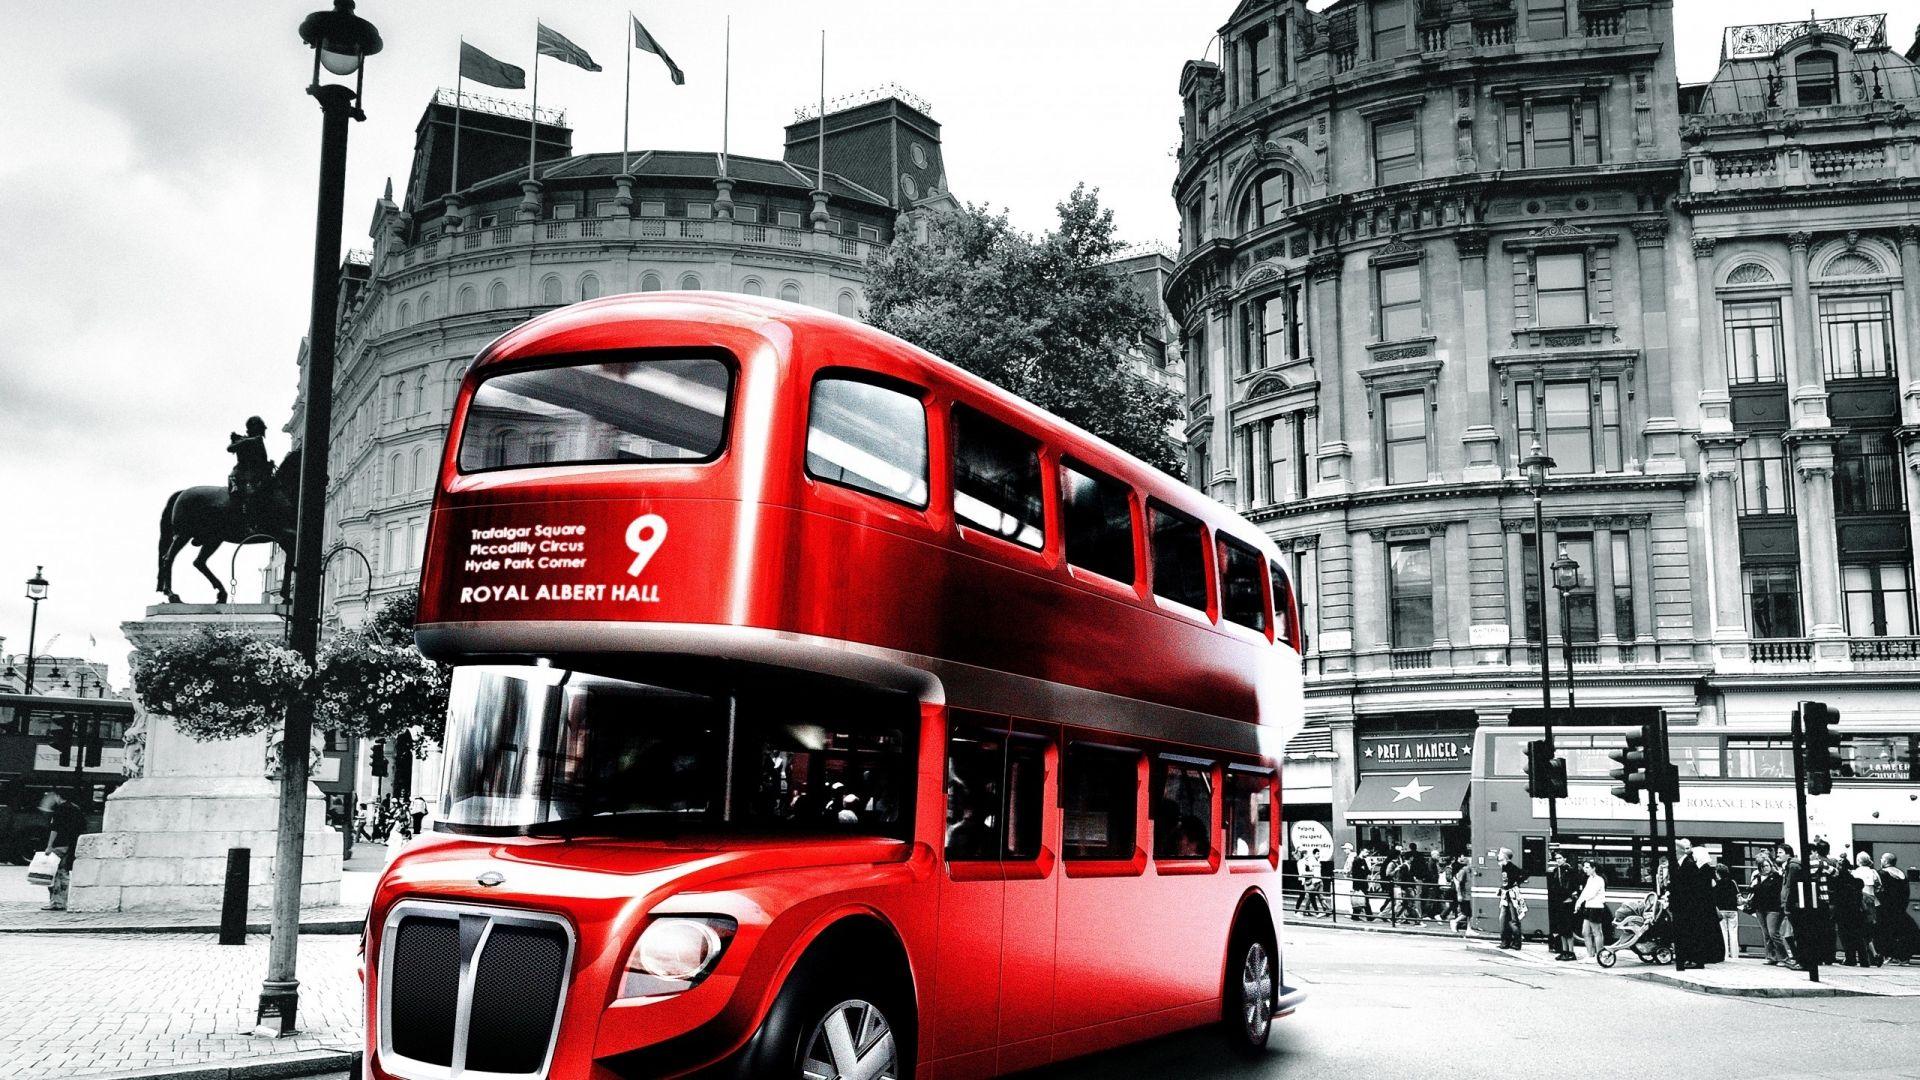 London Bus Design For Hdtv Resolution